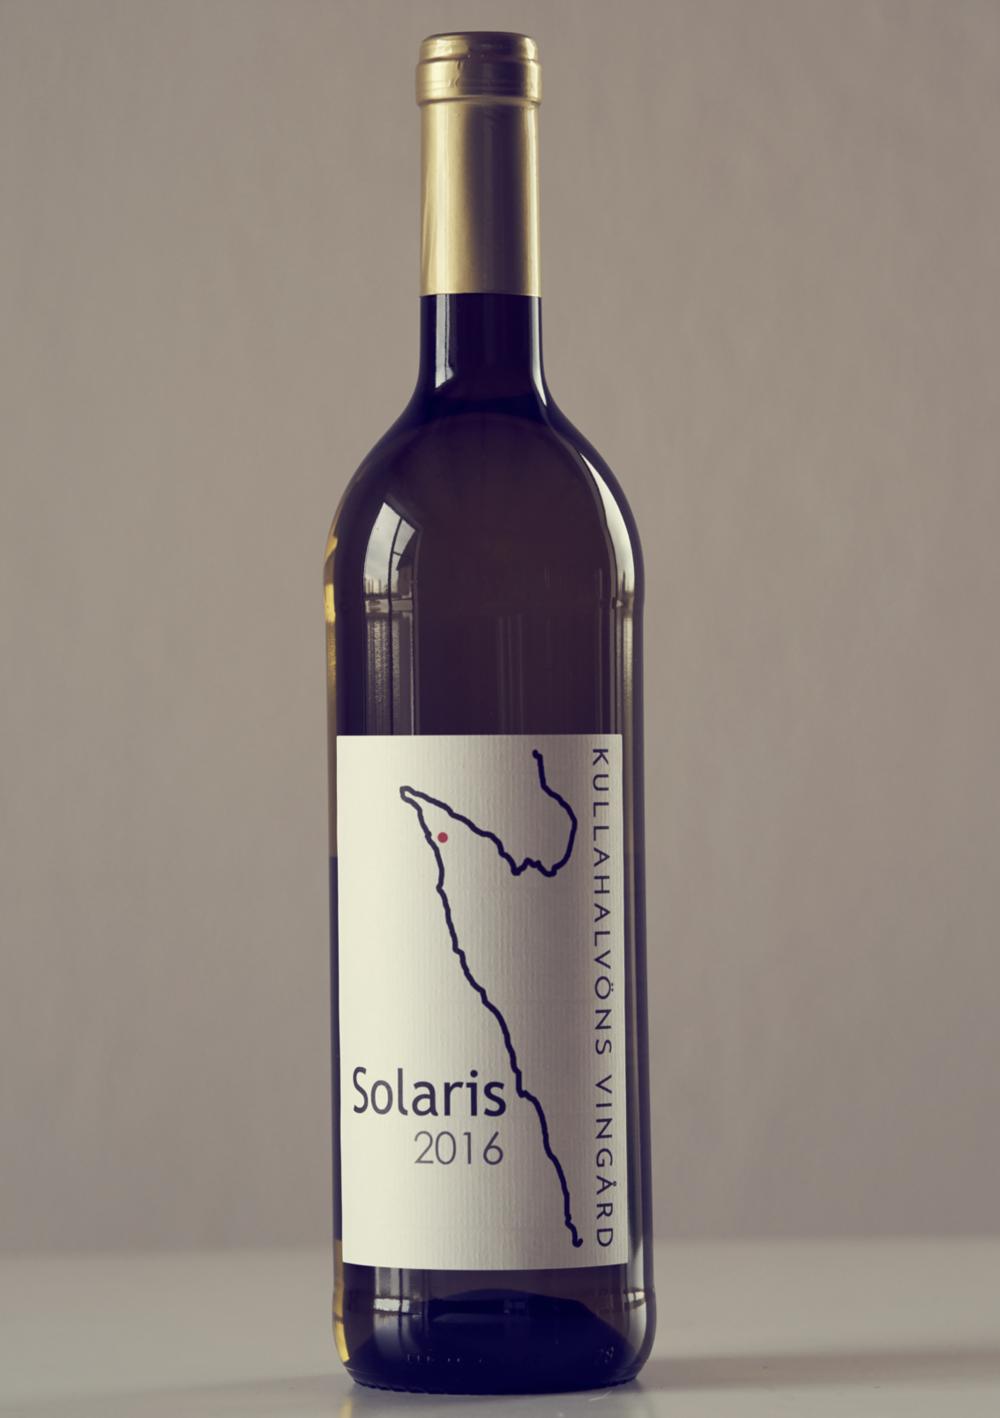 Solaris2016